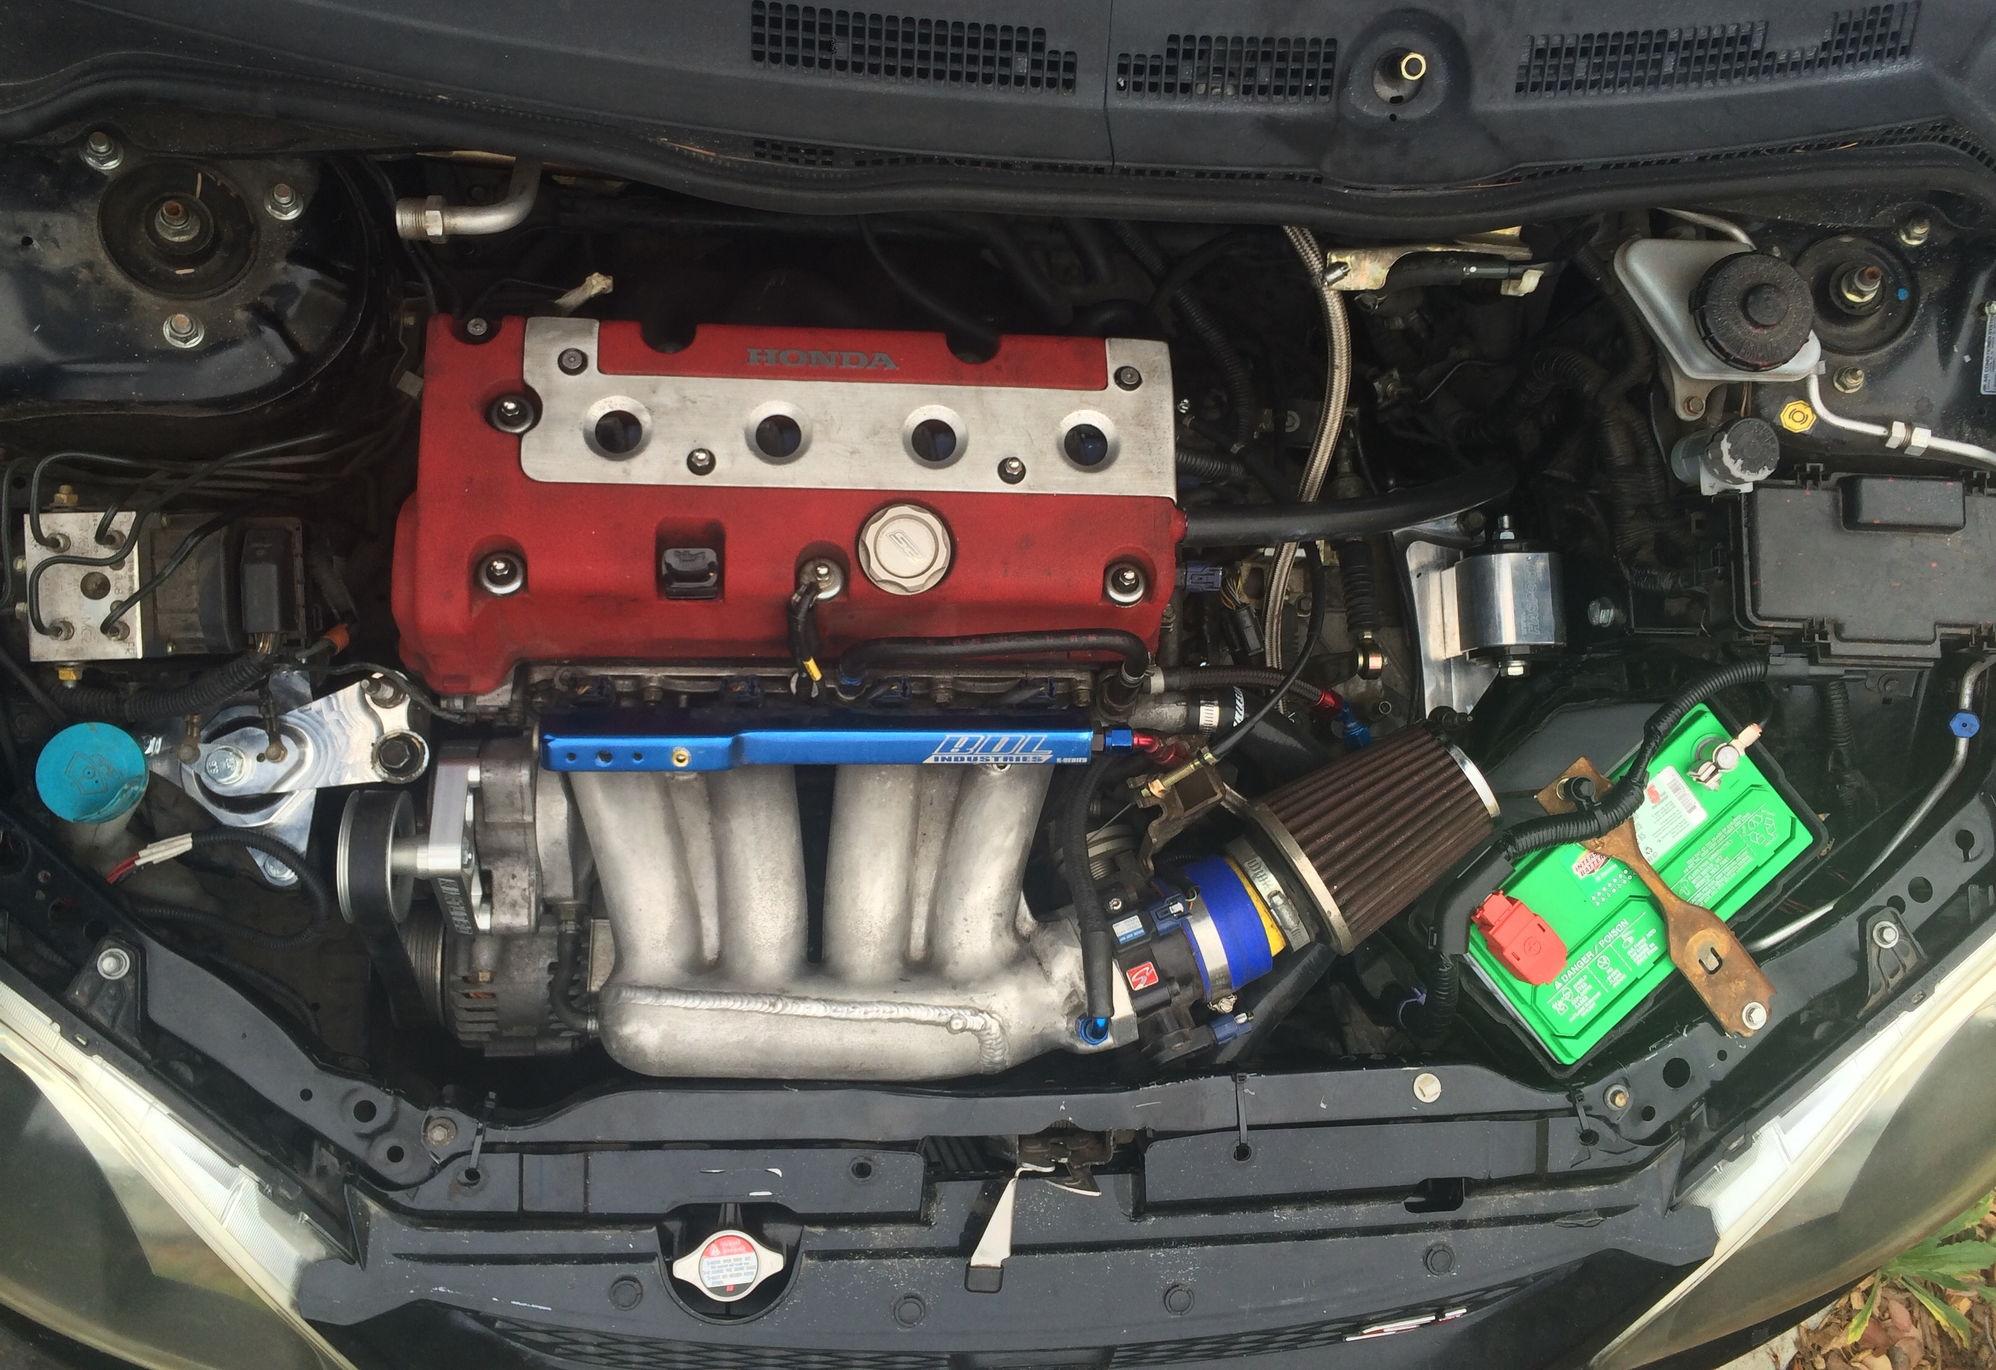 Ep Engine Bay E Ed F Be Af Bca Dc C Df Ed A on 2000 Honda Civic Ac Belt